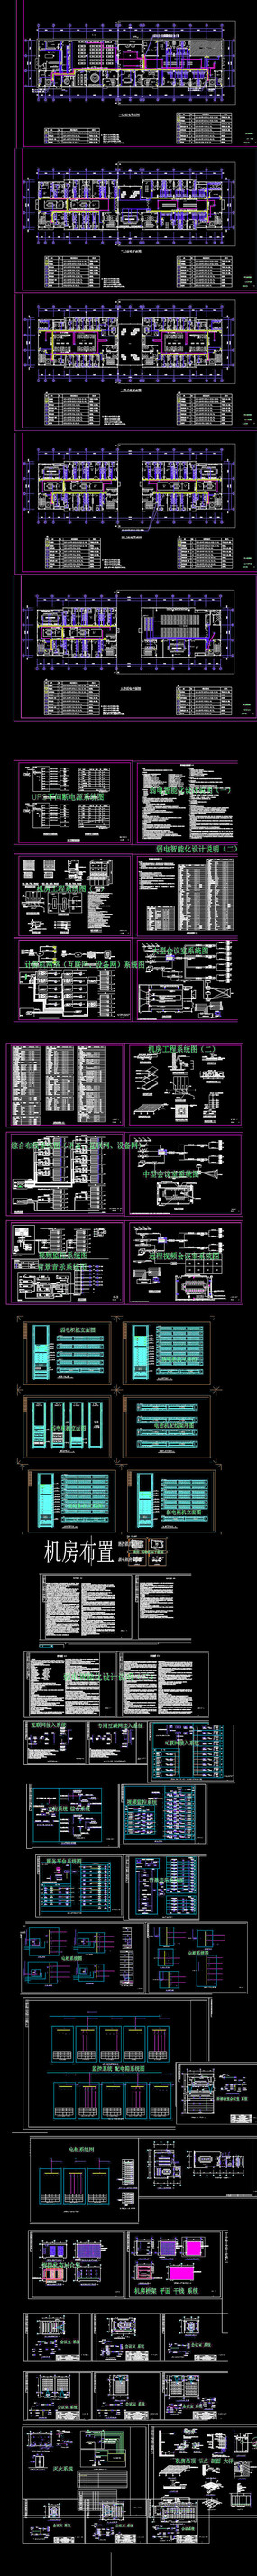 工程系统图常用弱电CAD